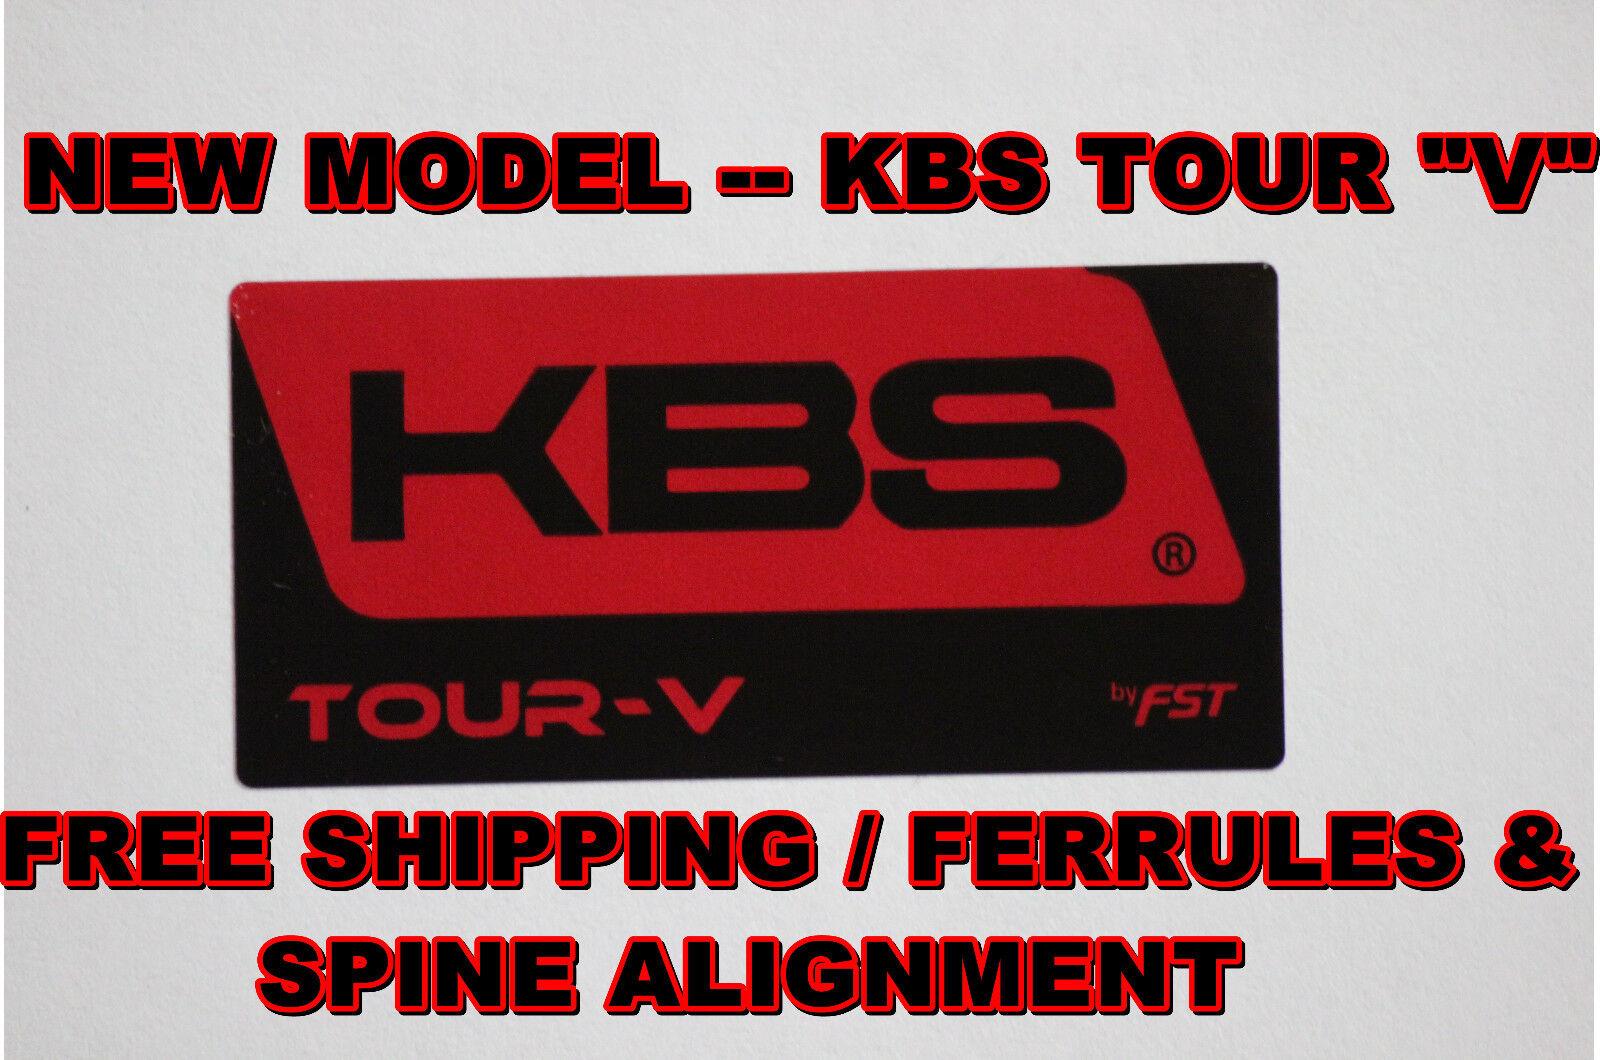 KBS Tour V Ejes De Hierro-Usted Elige Flex y configuración .355 forma cónica